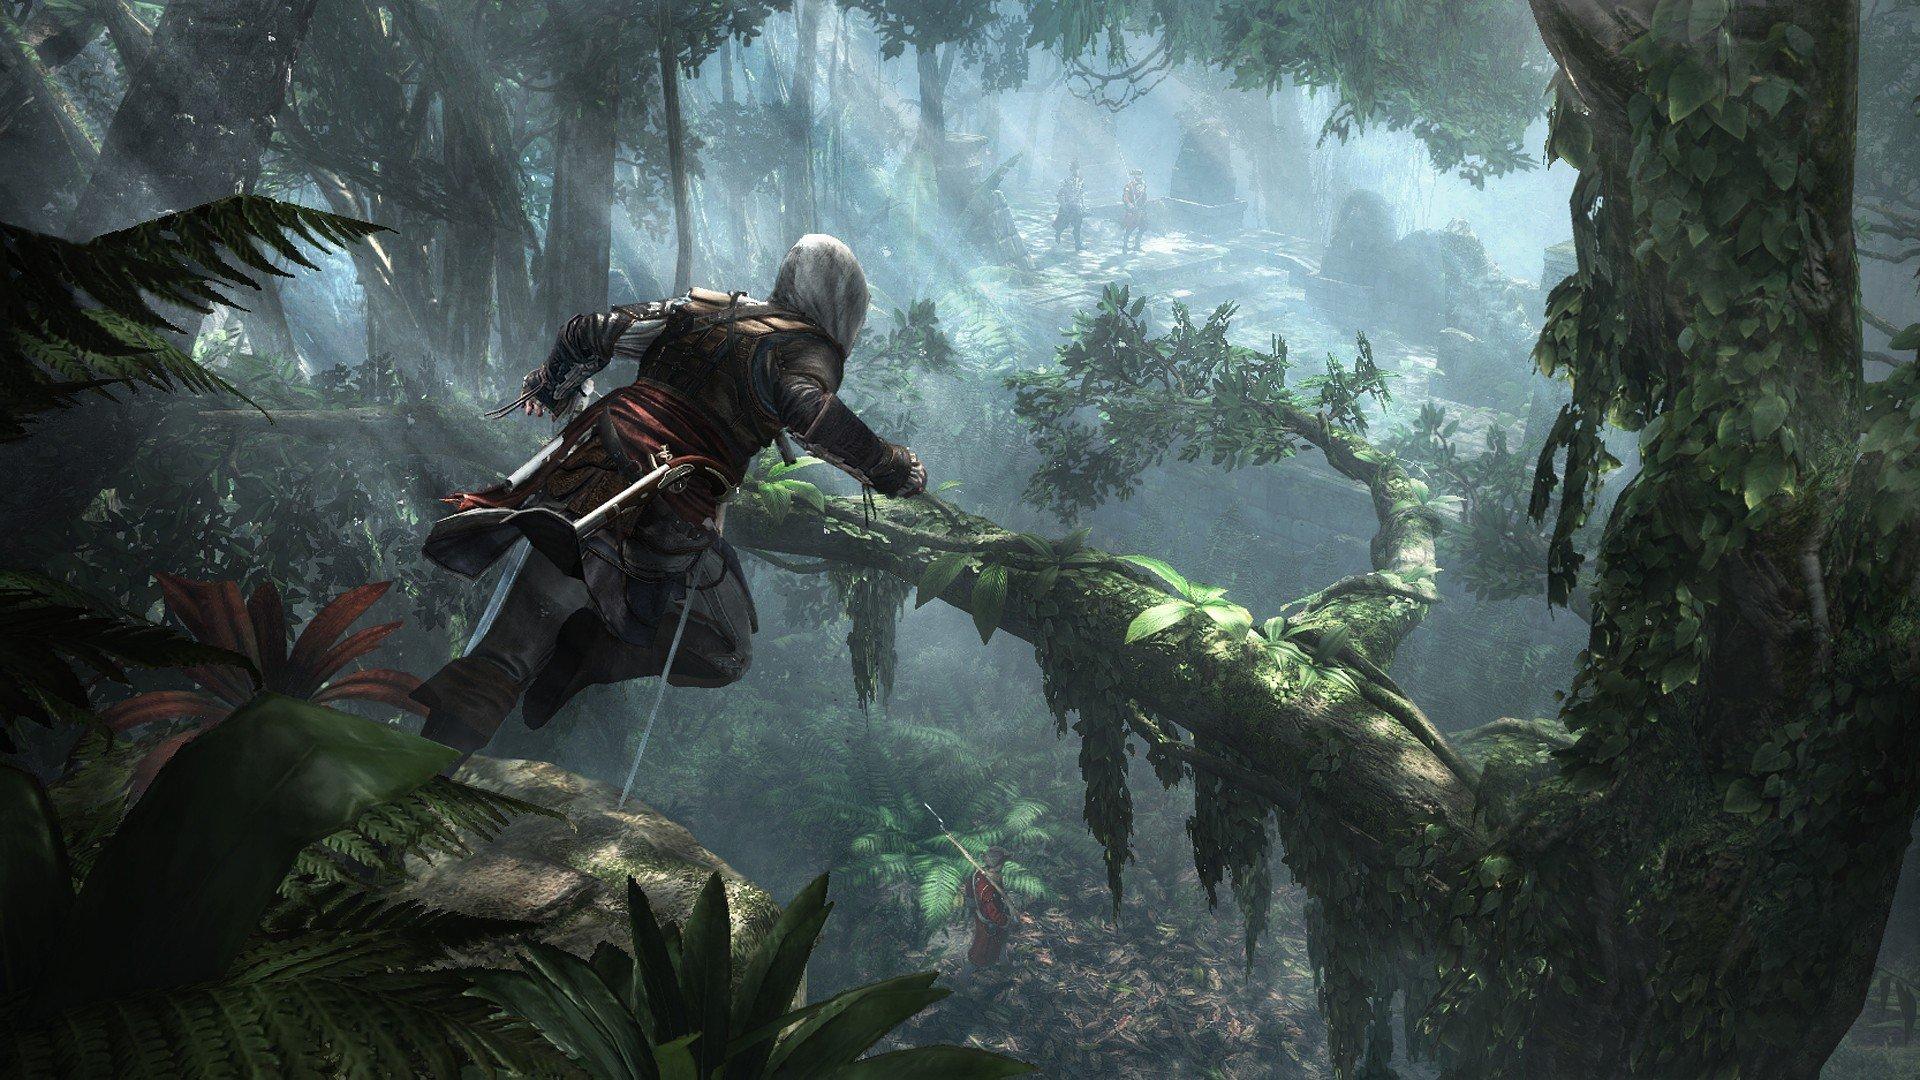 Моя маленькая рецензия на Assassin's Creed 4:Black Flag - Изображение 1